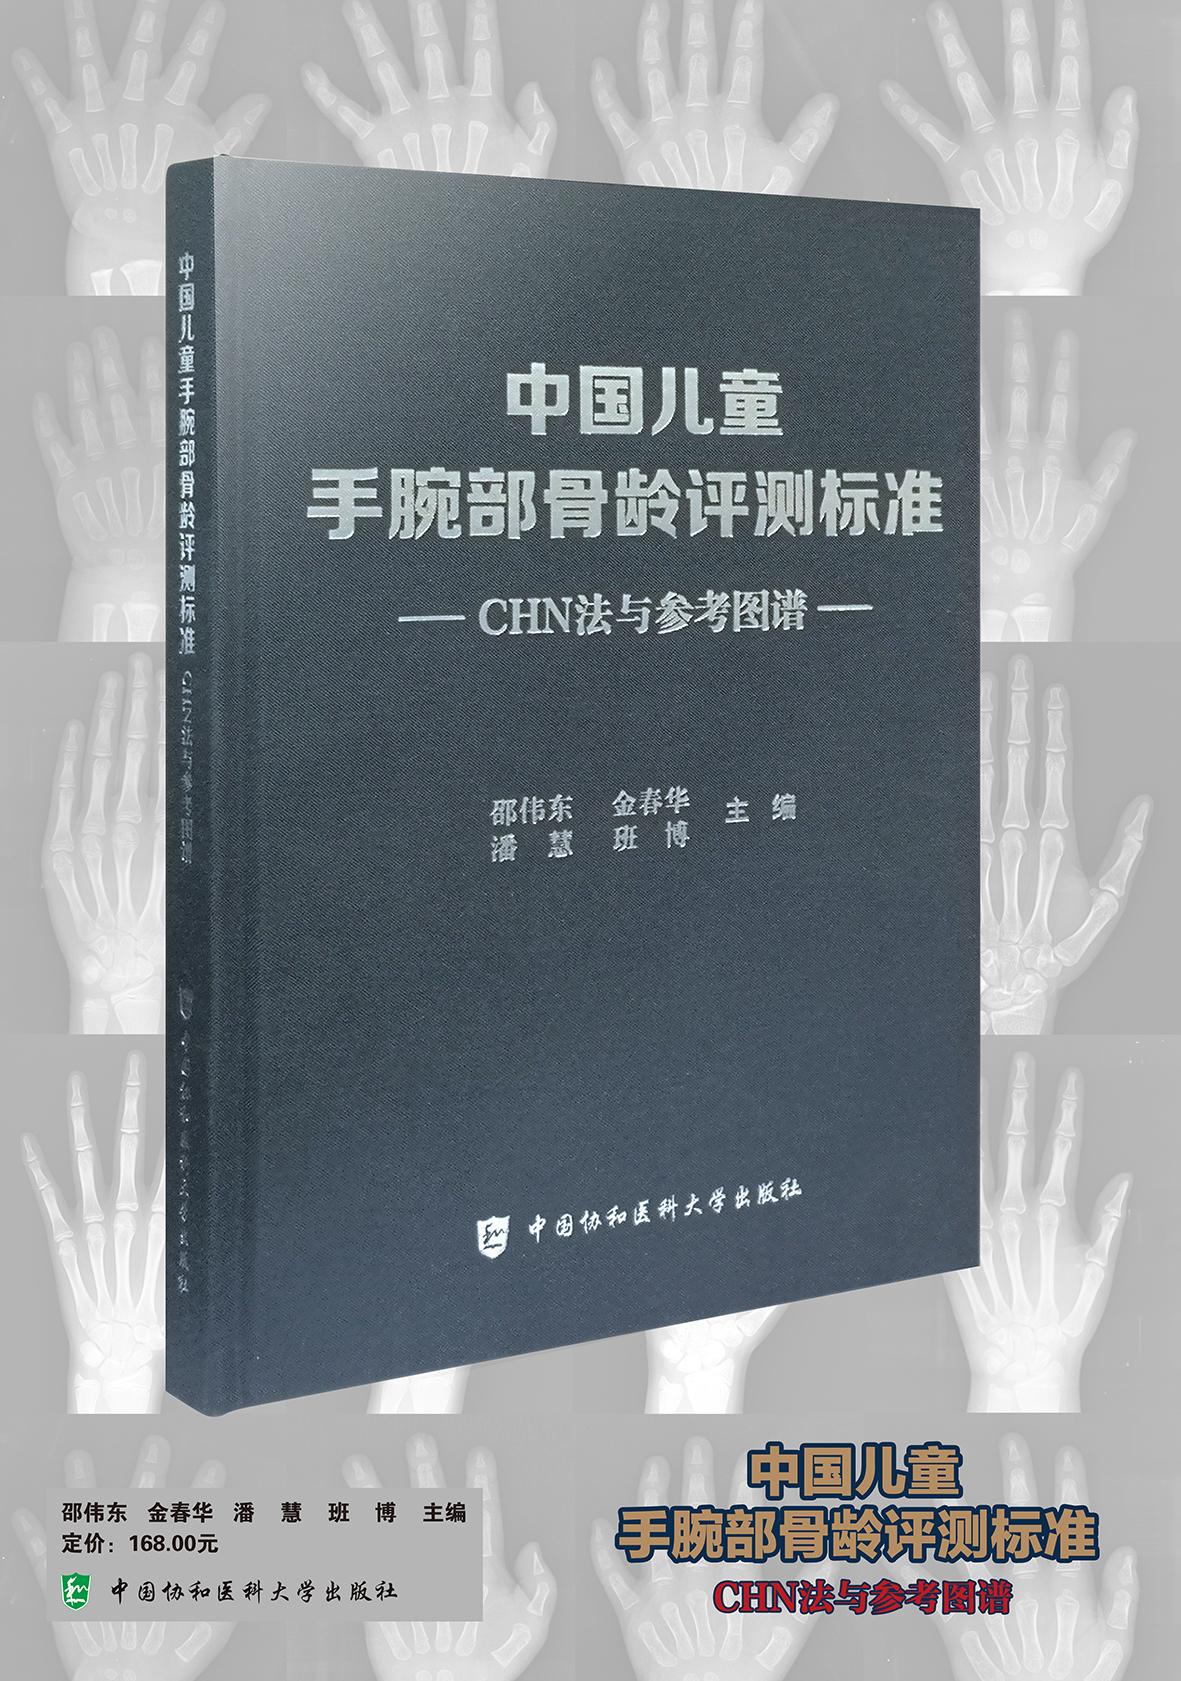 中国儿童手腕部骨龄评测标准CHN法与参考图谱